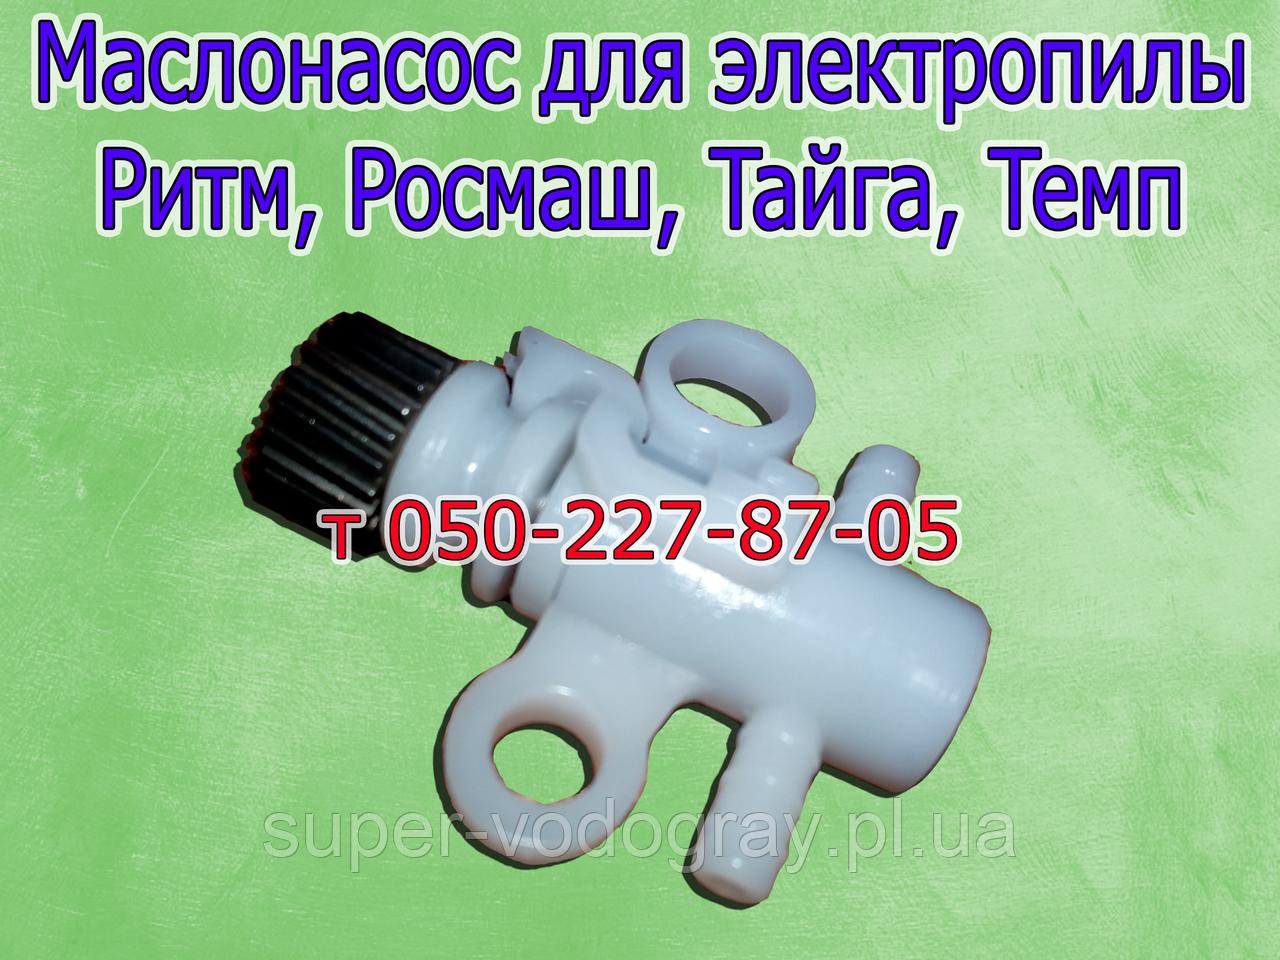 Маслонасос для електропили Ритм, Росмаш, Тайга, Темп